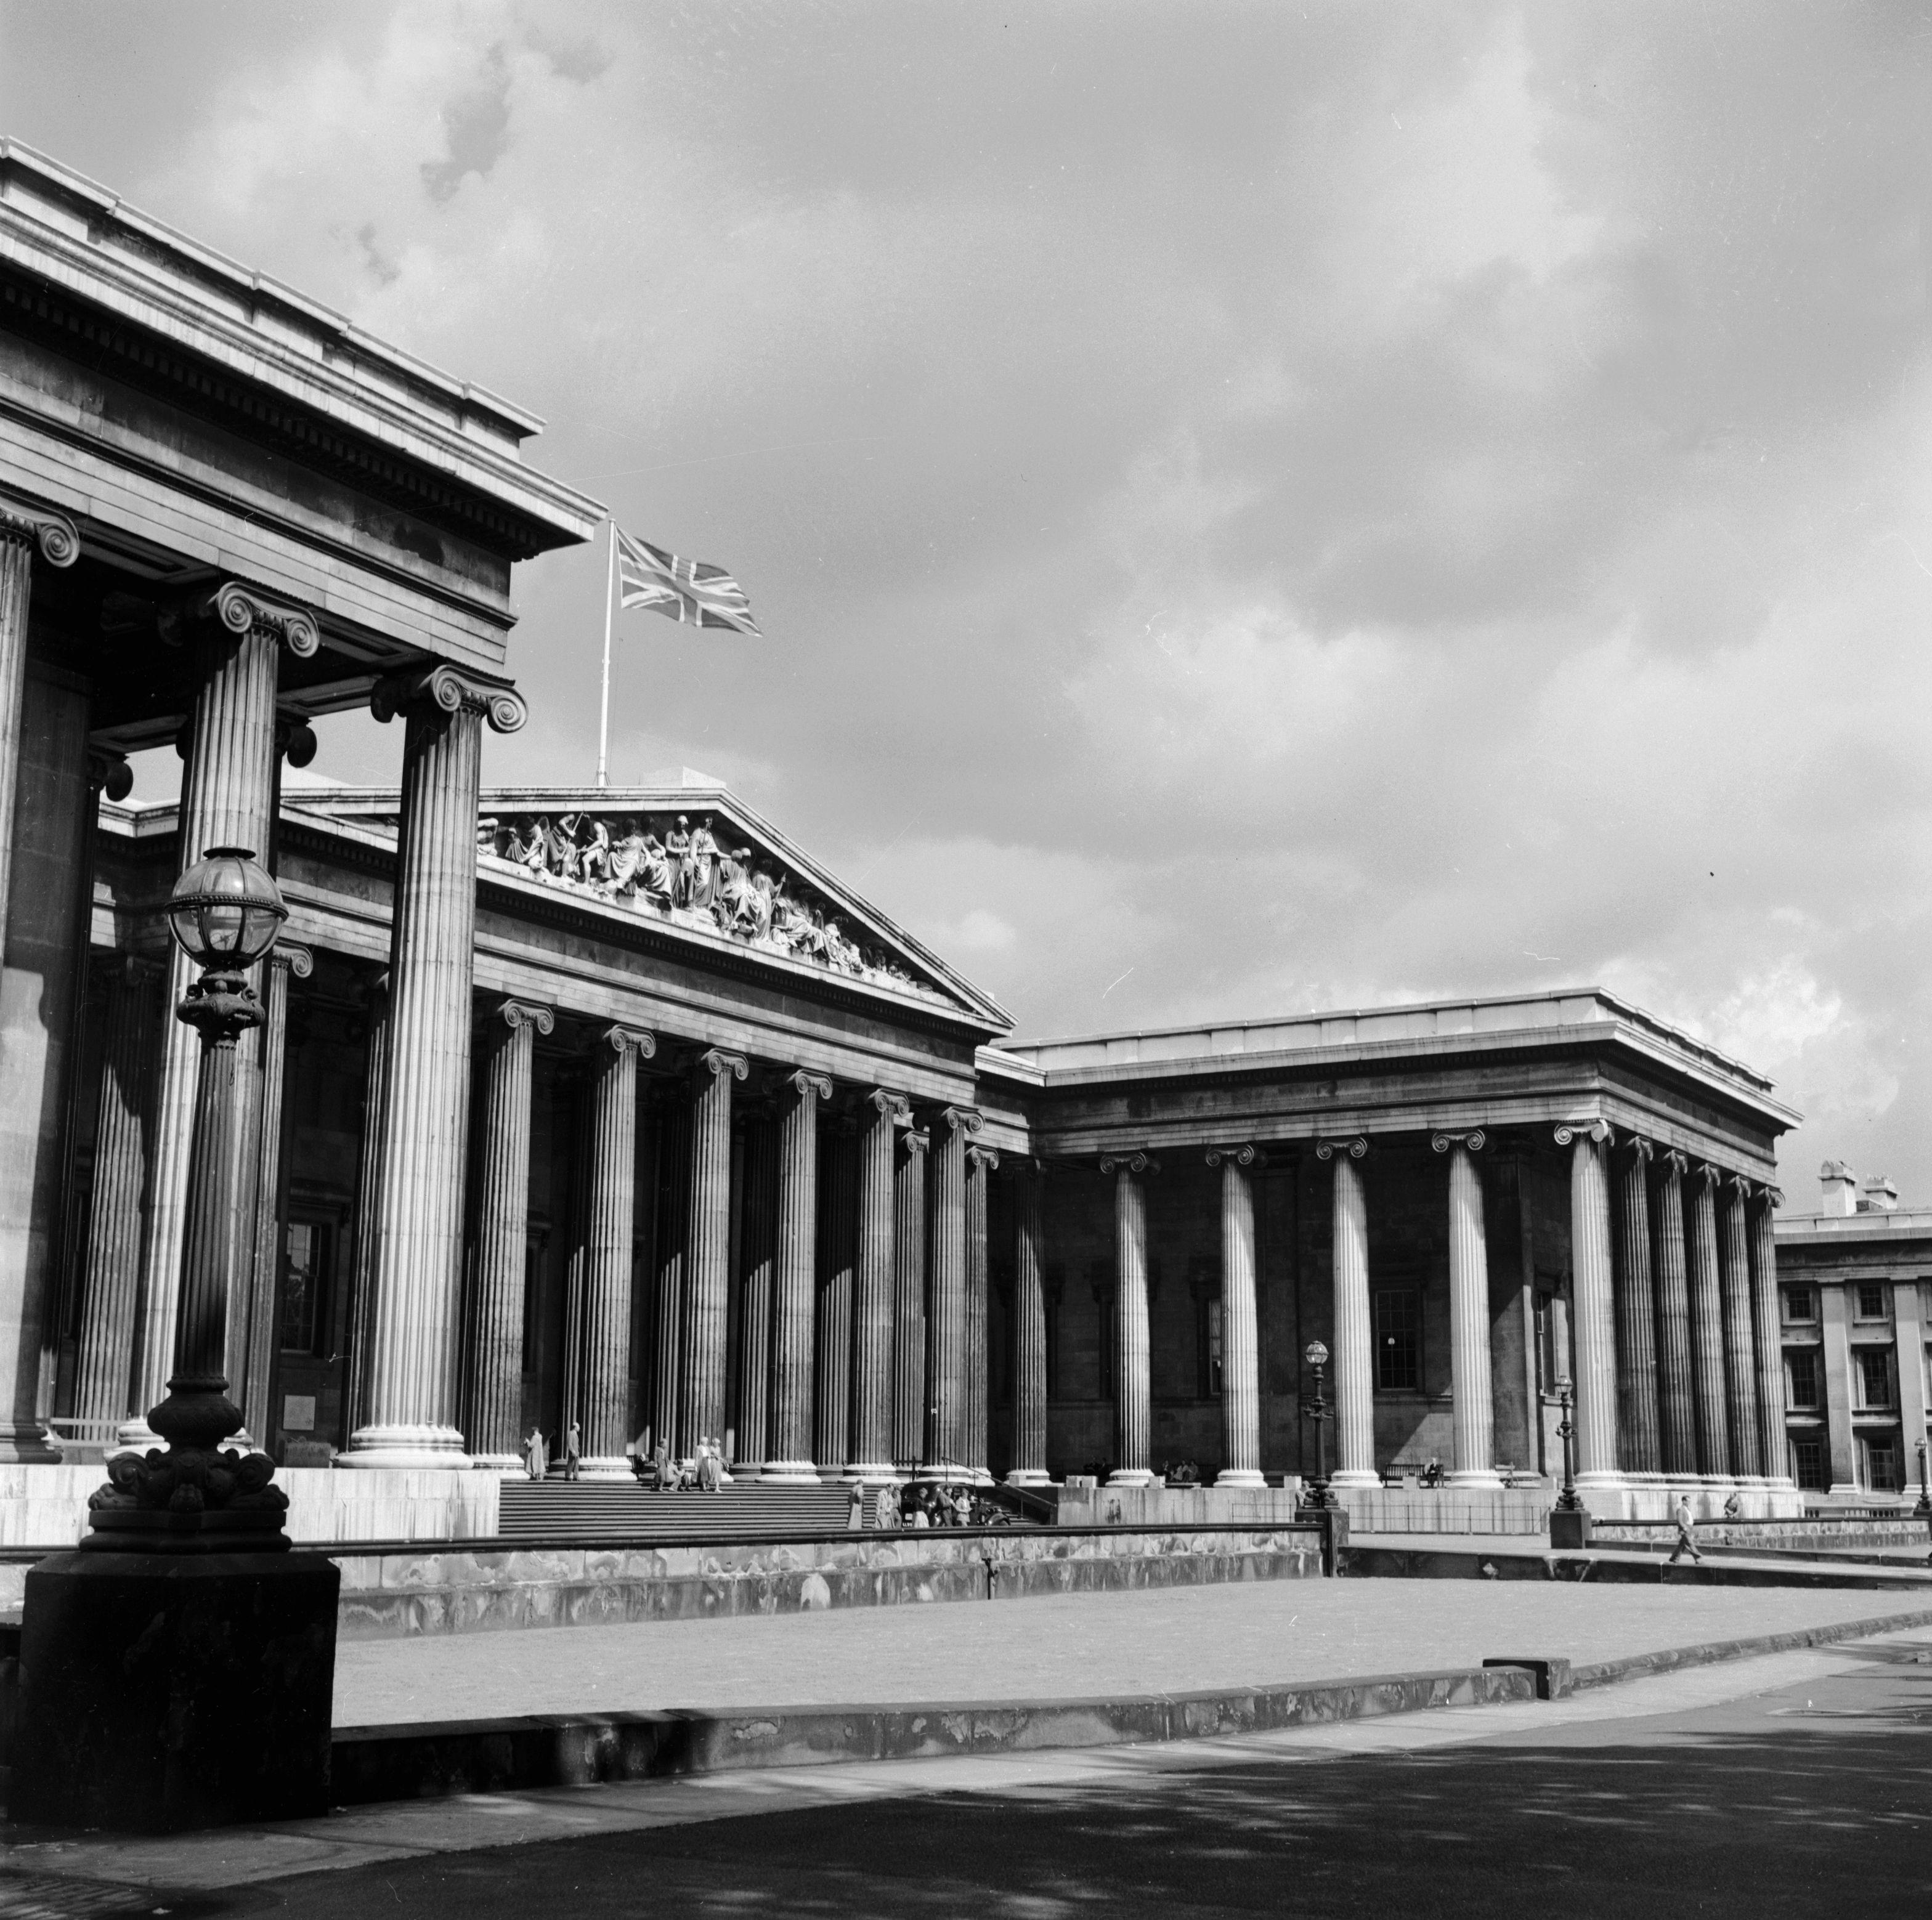 Museu Britânico incluiu em exposição obra infiltrada pelo artista Banksy (Foto: Getty Images)